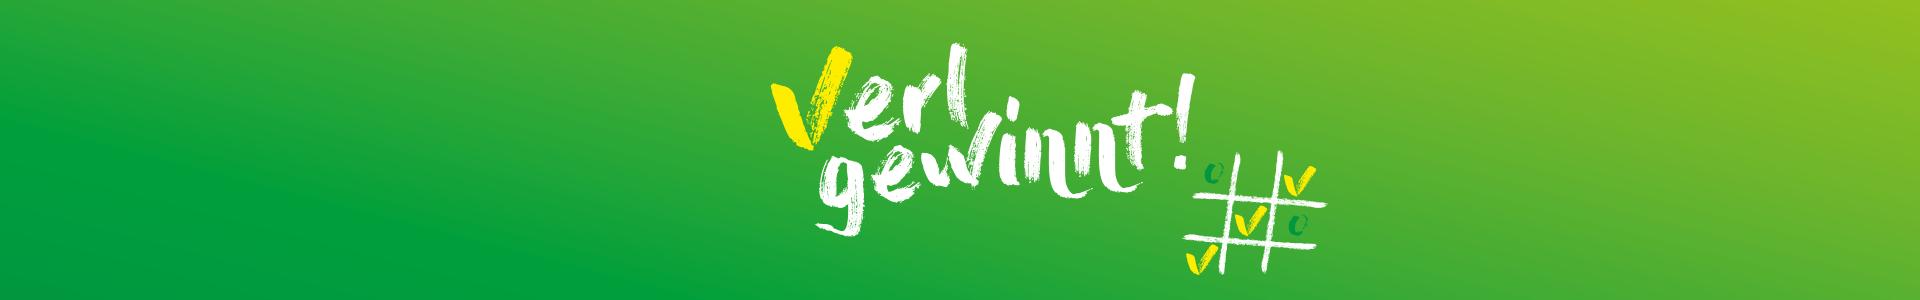 HeaderWechselkampagne Verl gewinnt